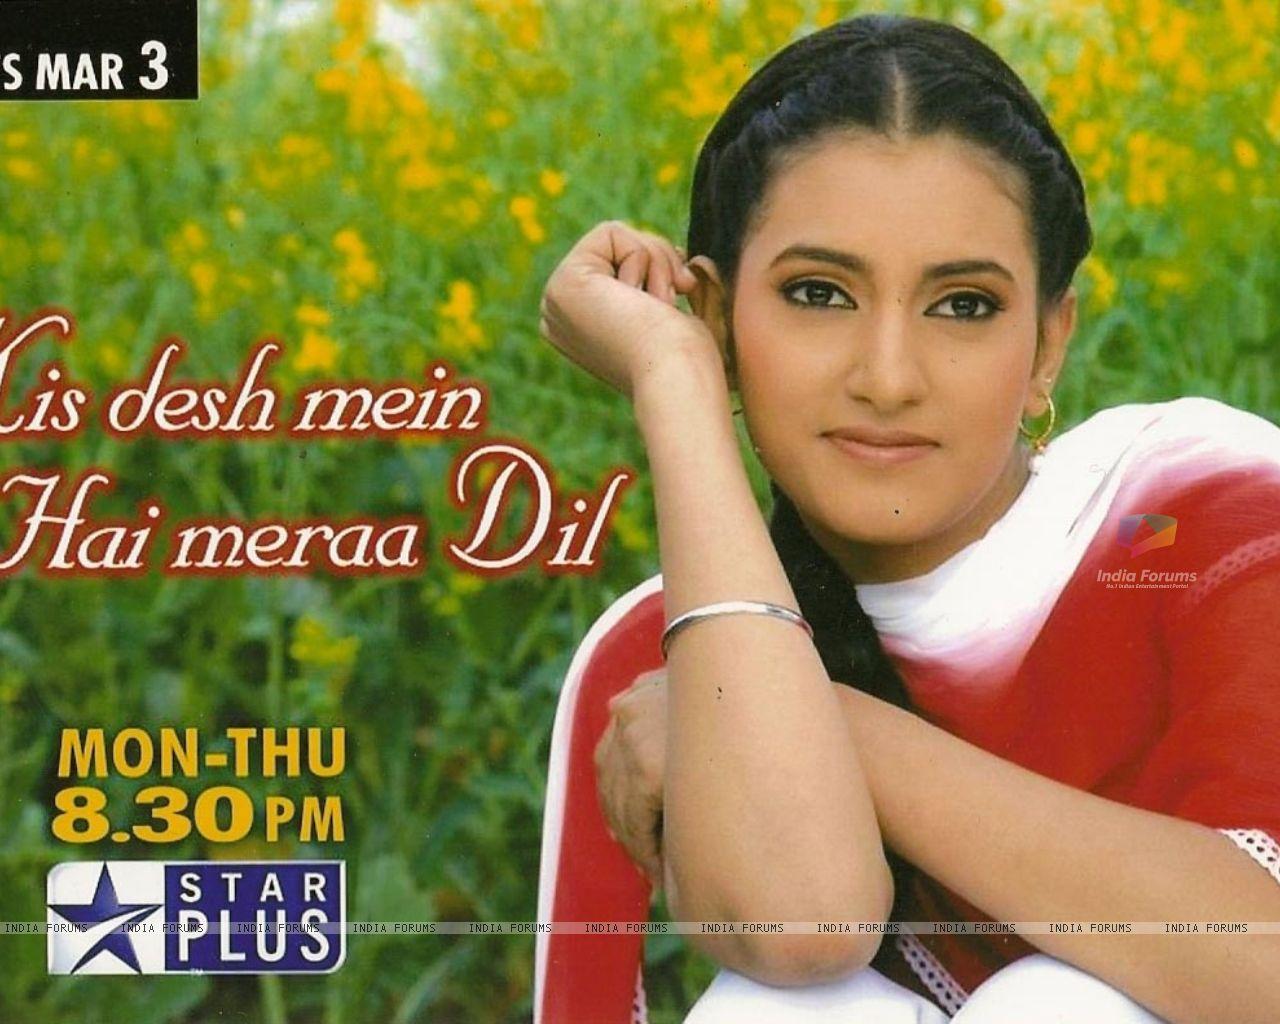 Wallpaper of Kis Desh Mein Hai Meraa Dil   Wallpaper Size1280x1024 1280x1024